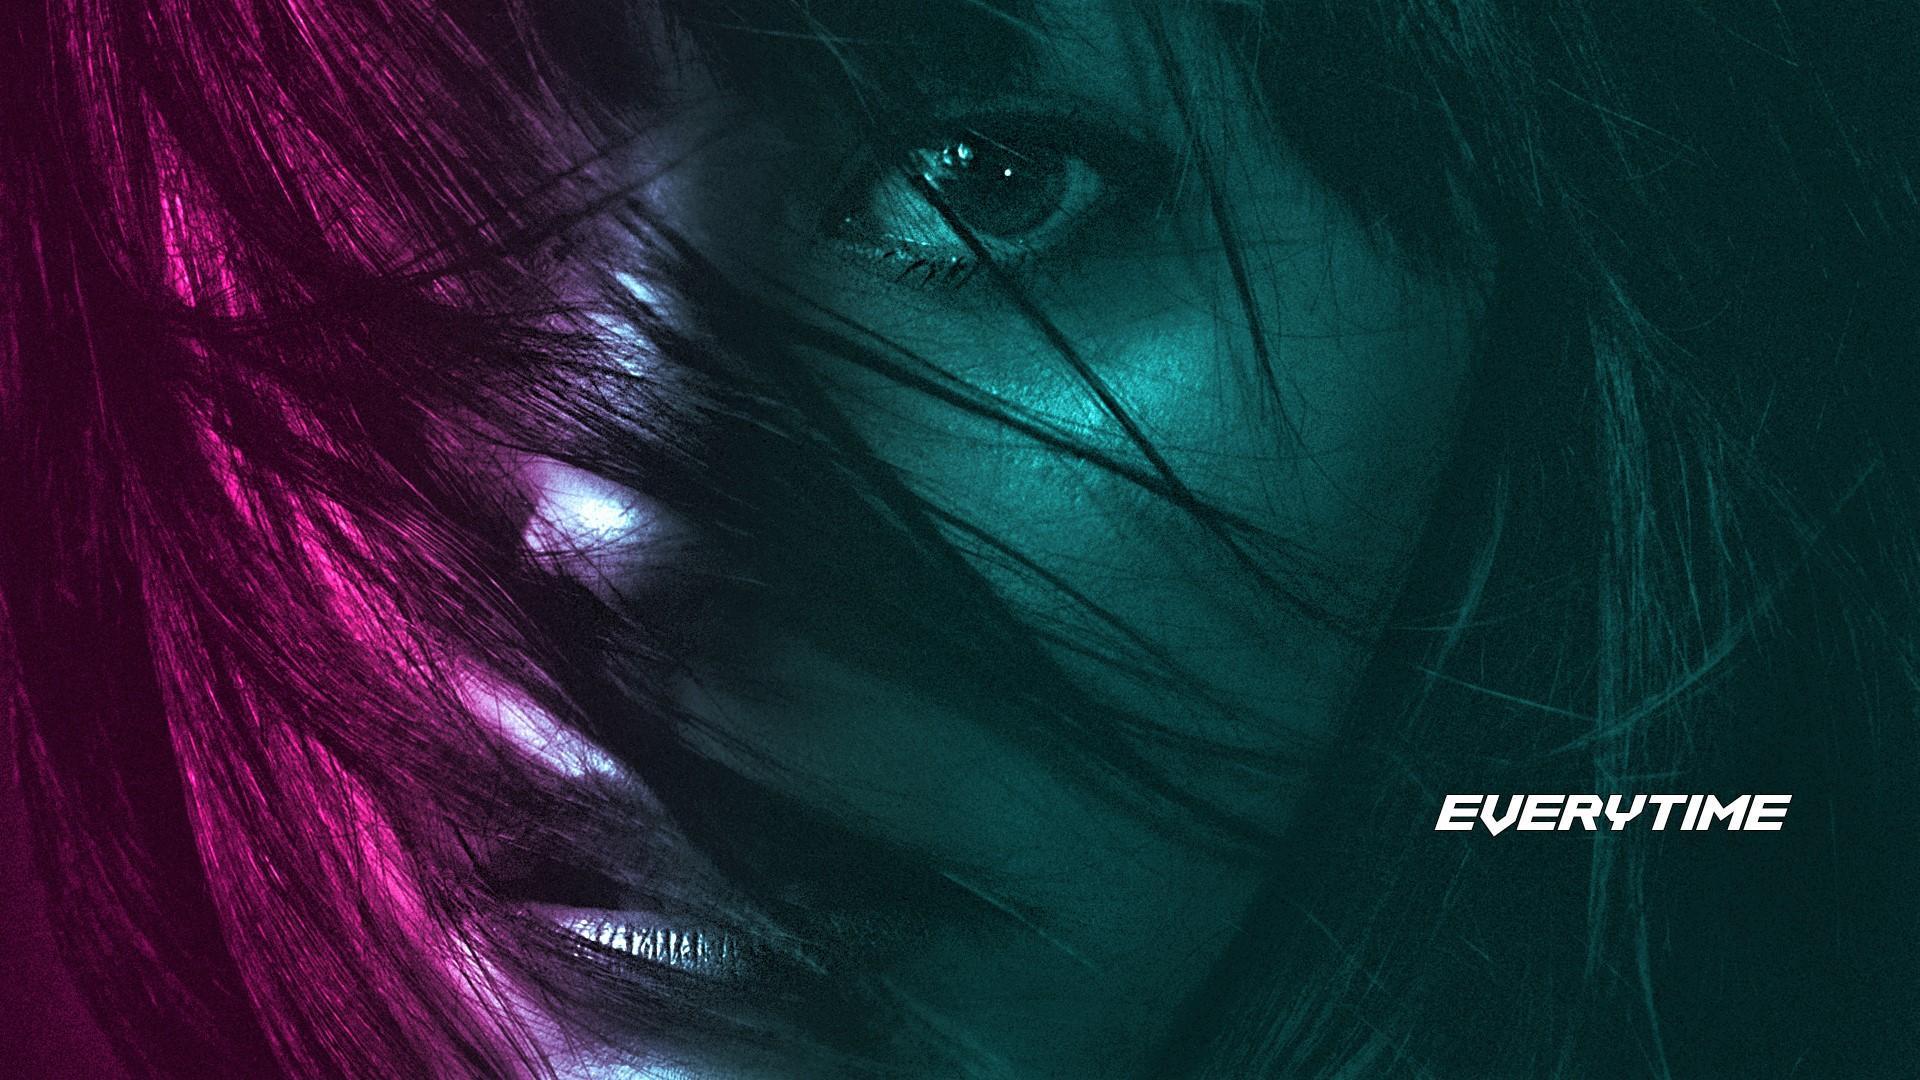 EVERYTIME -Original Mix-